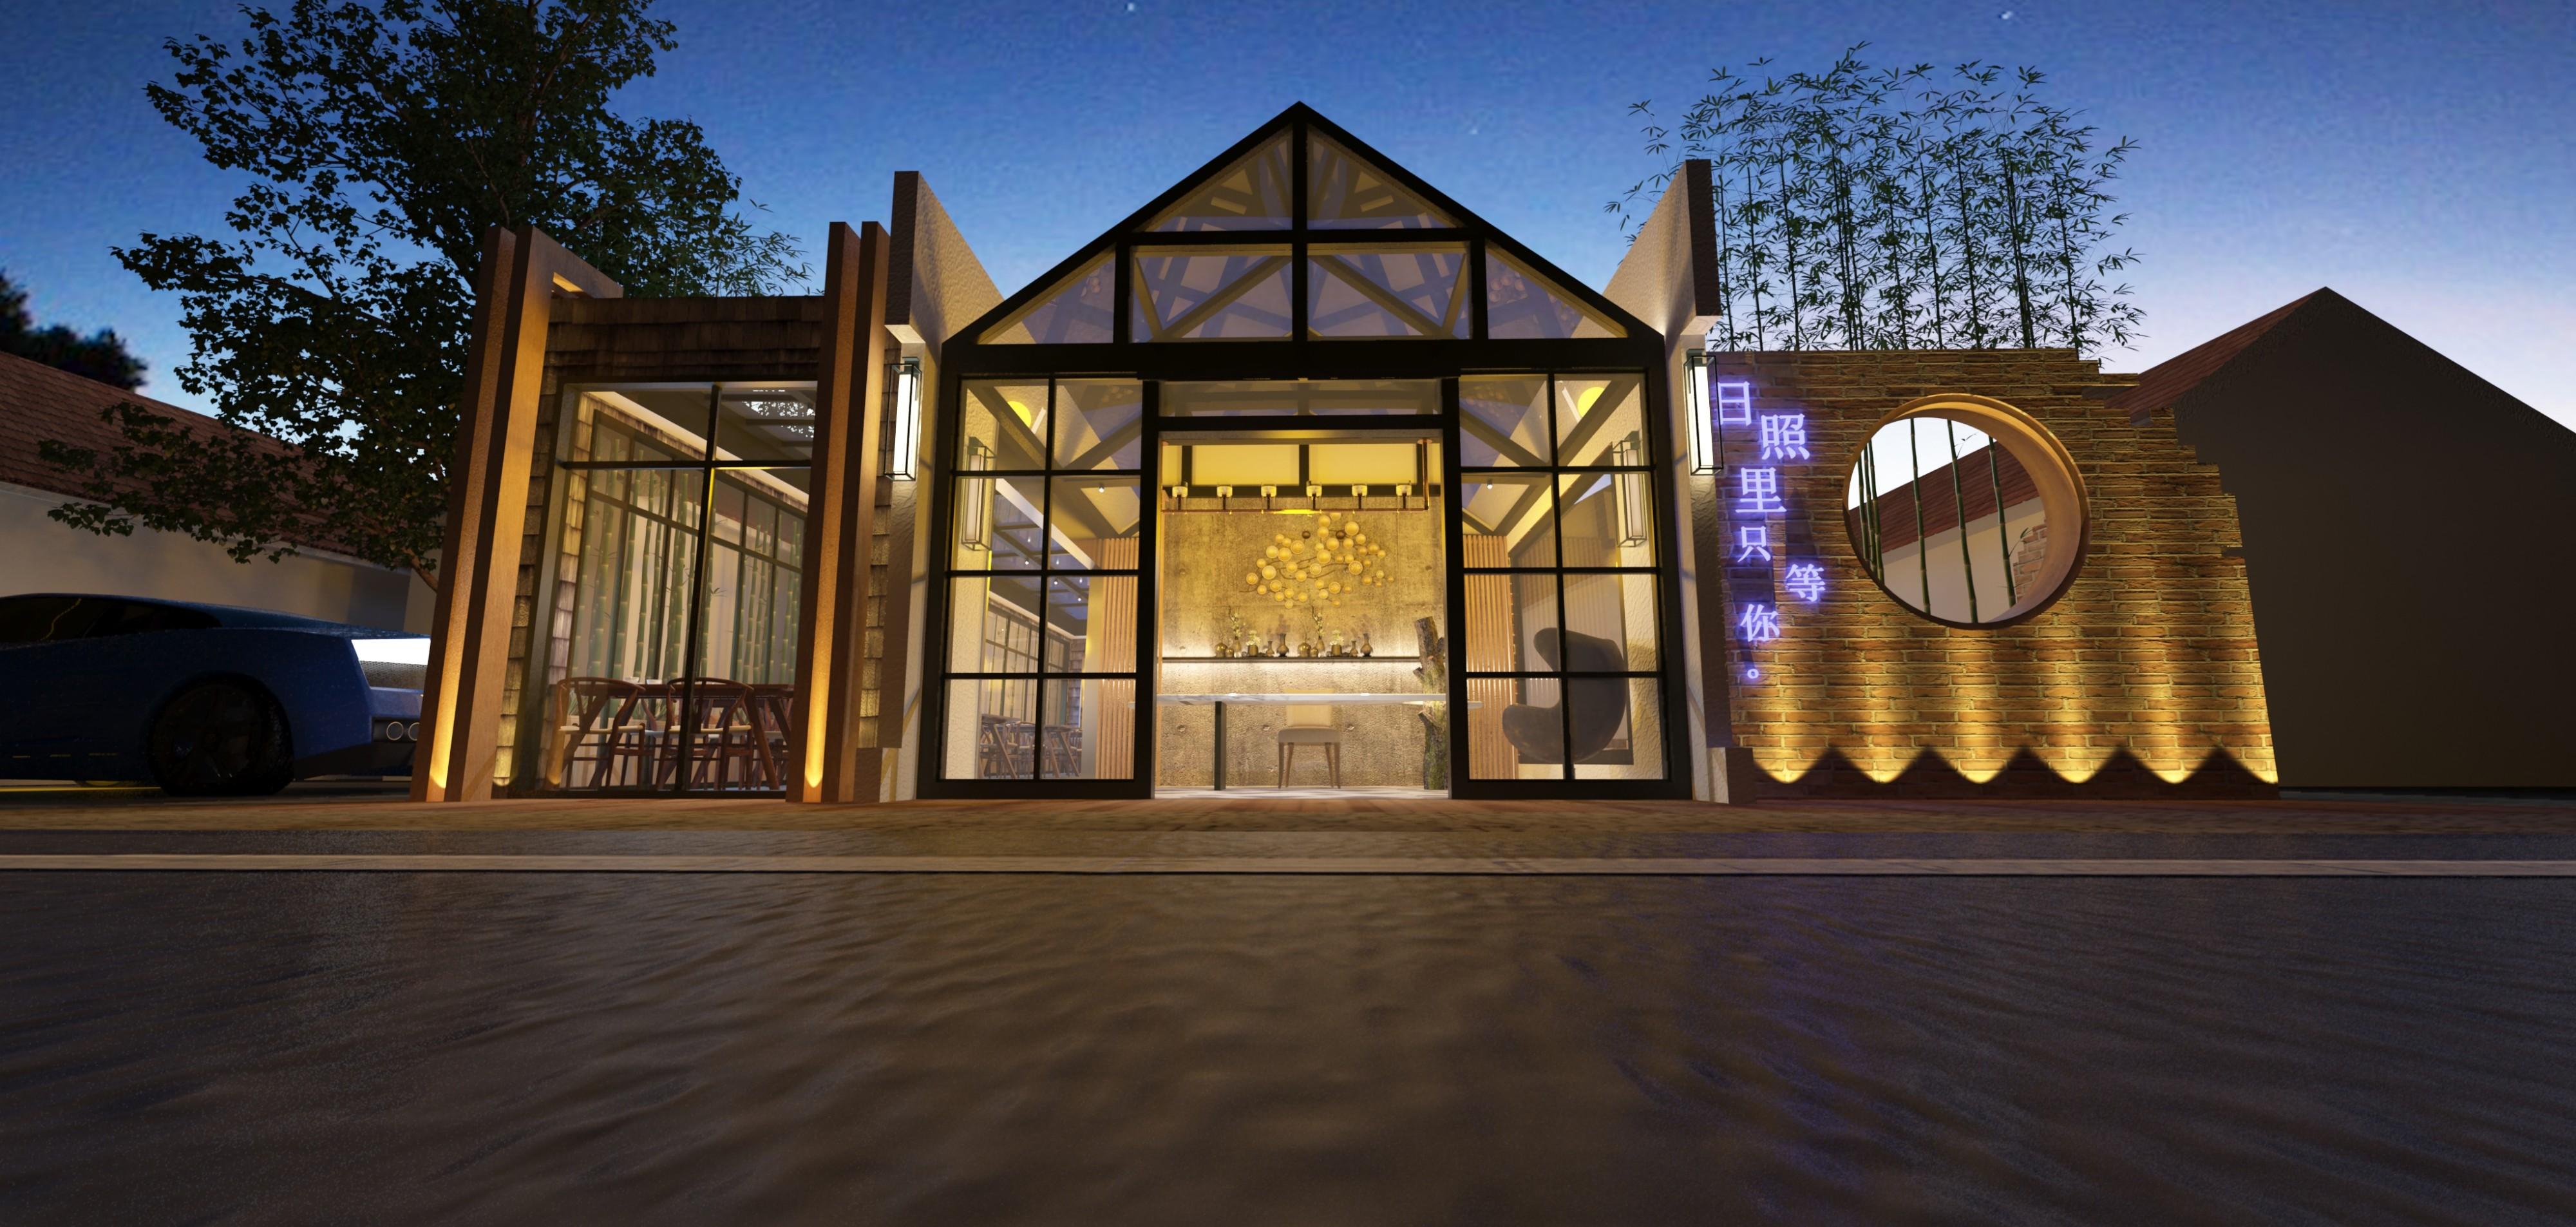 民宿酒店项目 - 效果图交流区-建e室内设计网